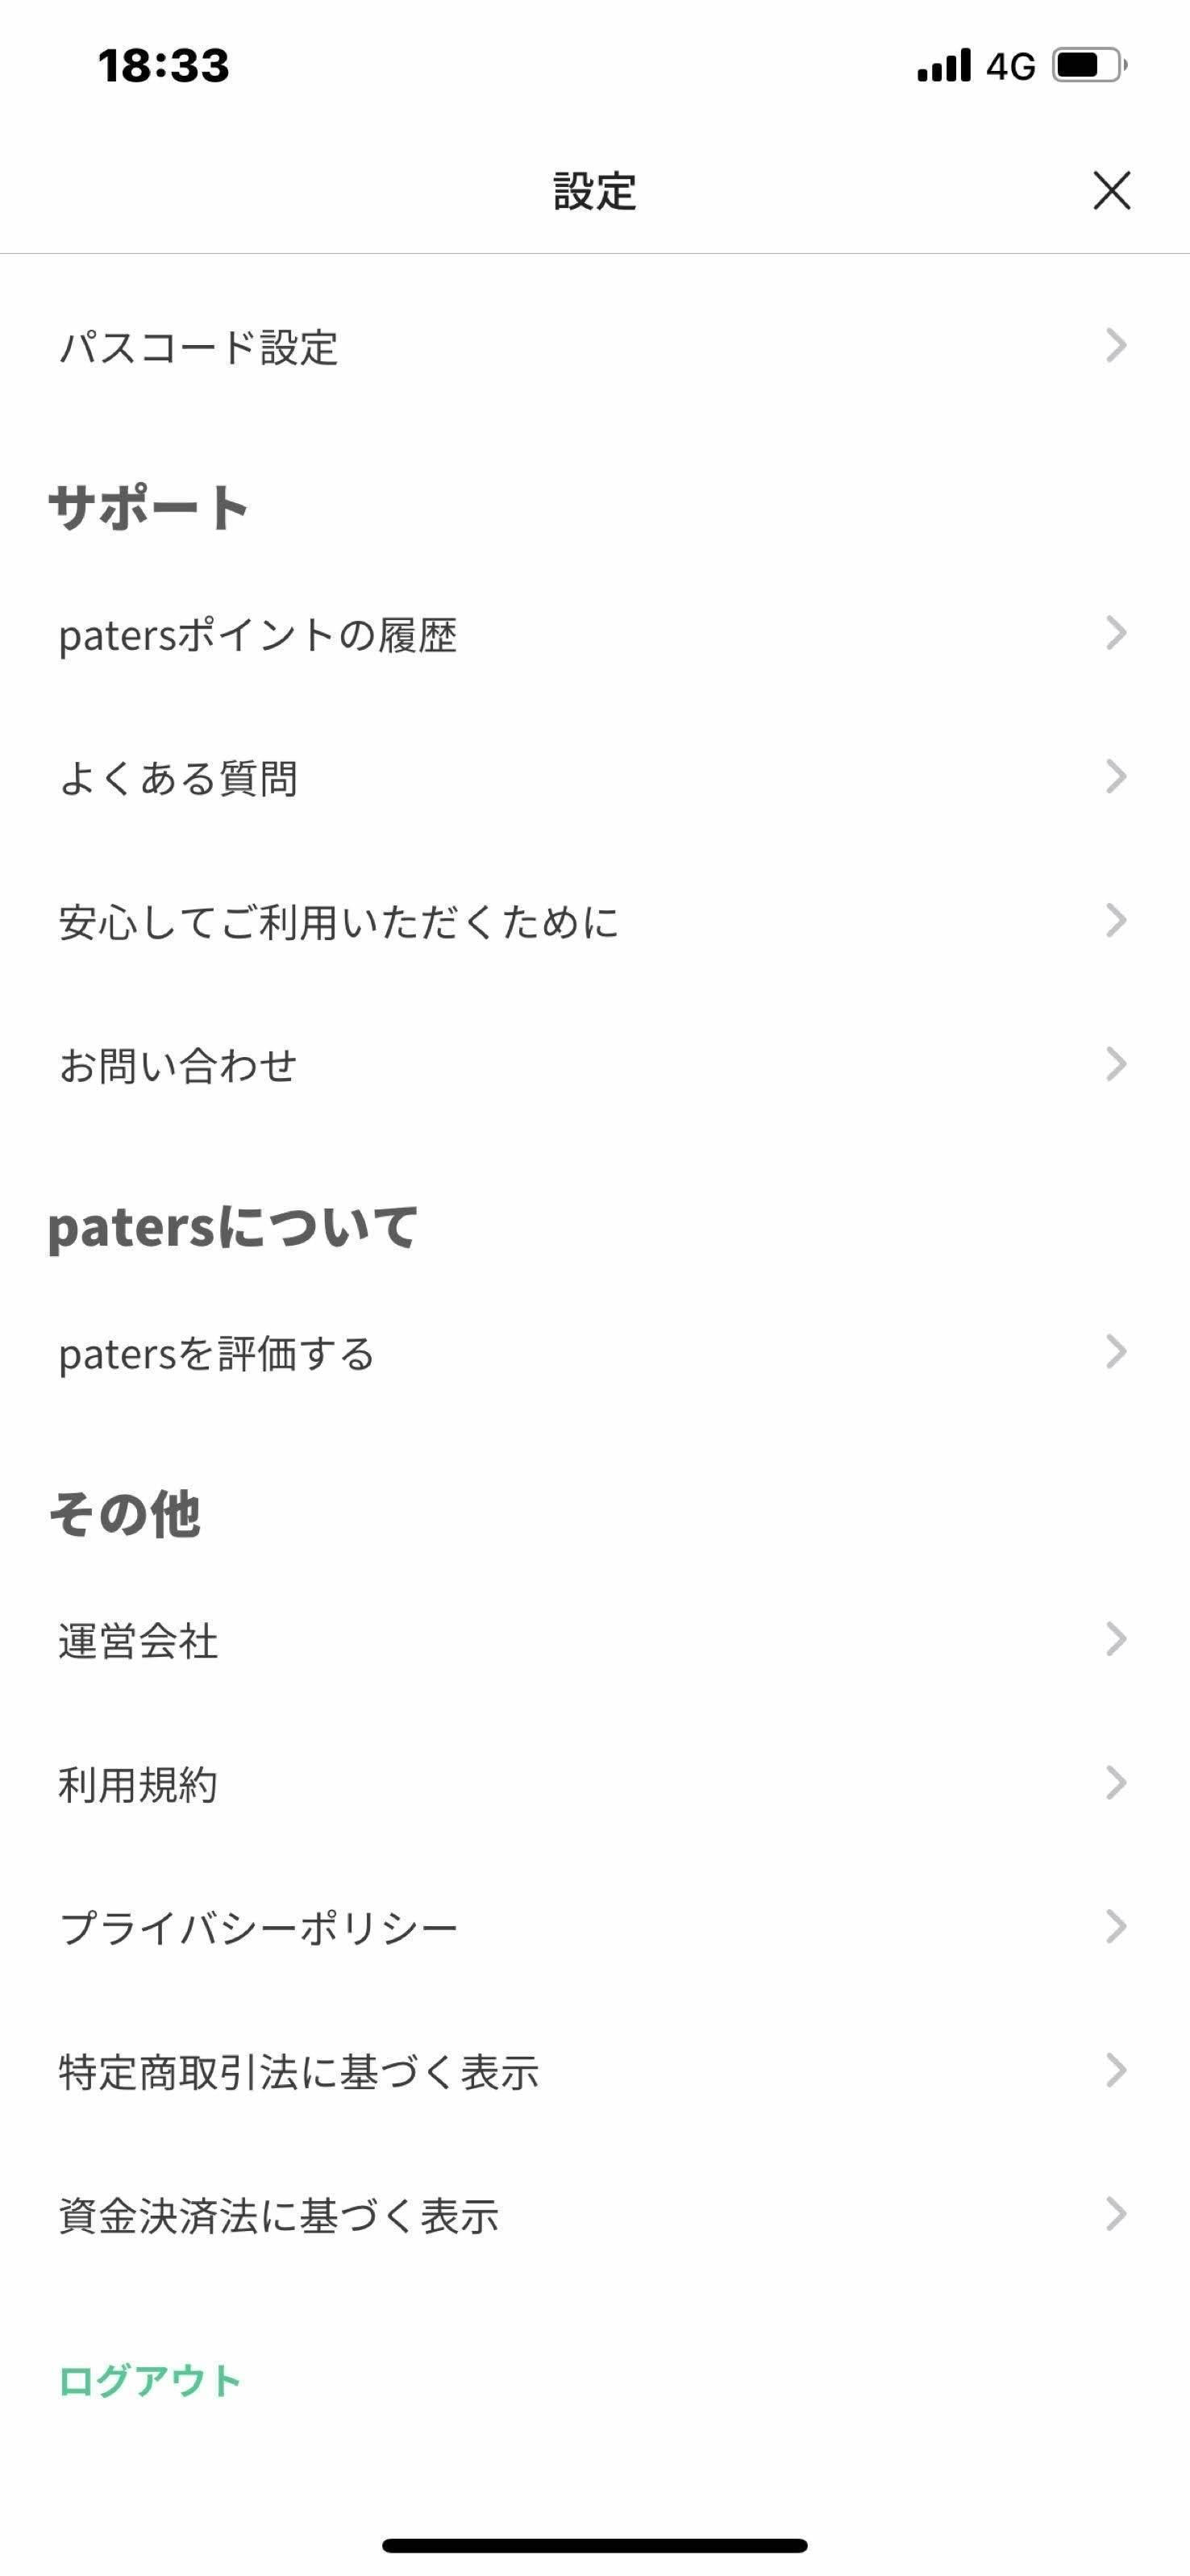 ペイターズ(paters) 設定画面の一番したにあるログアウトをタップして完了